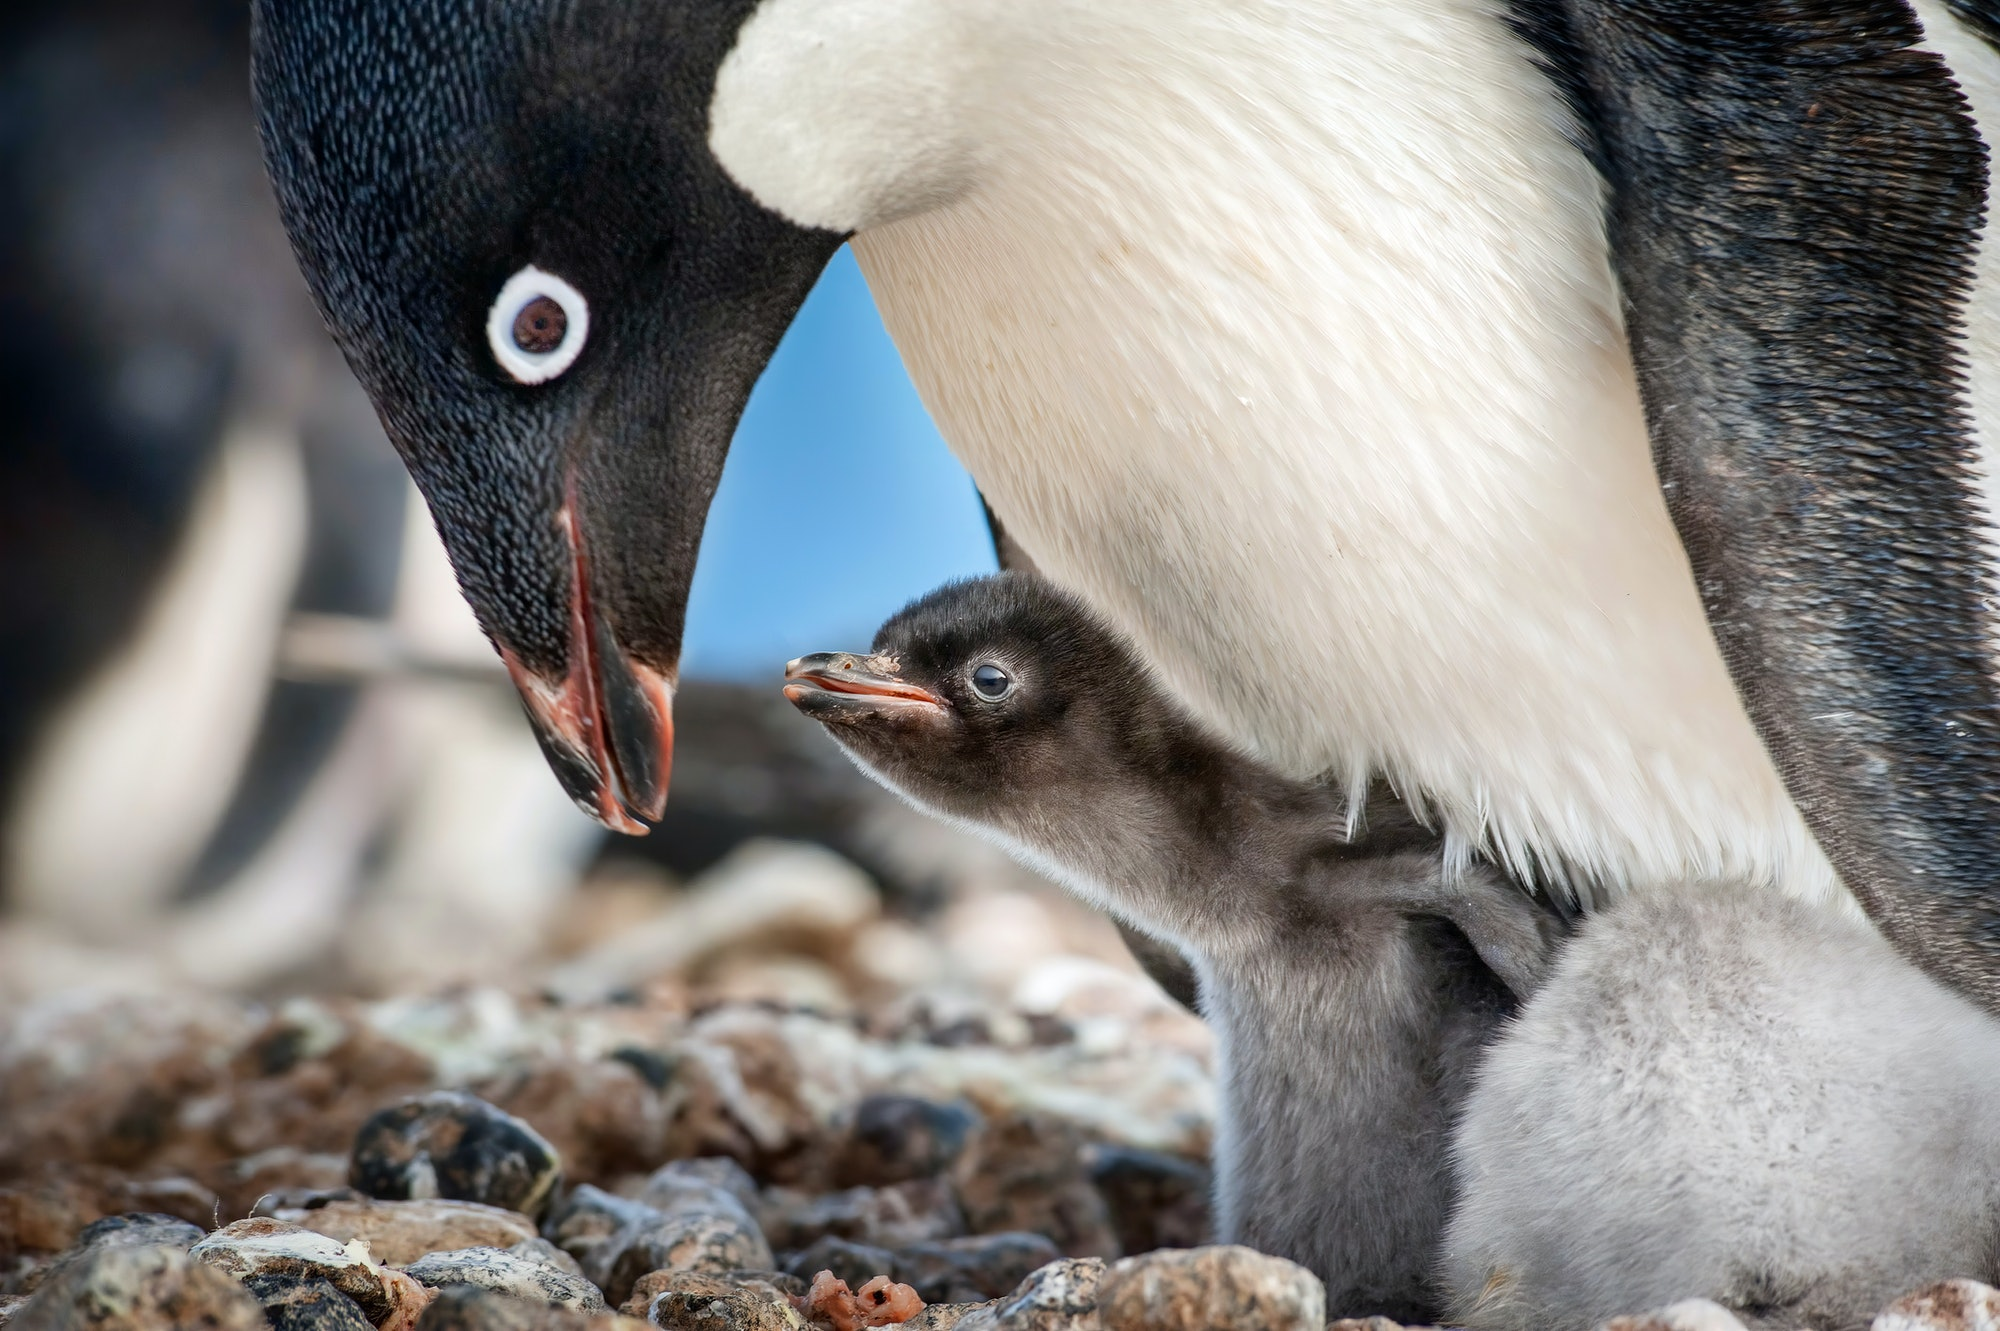 disneynature penguins review